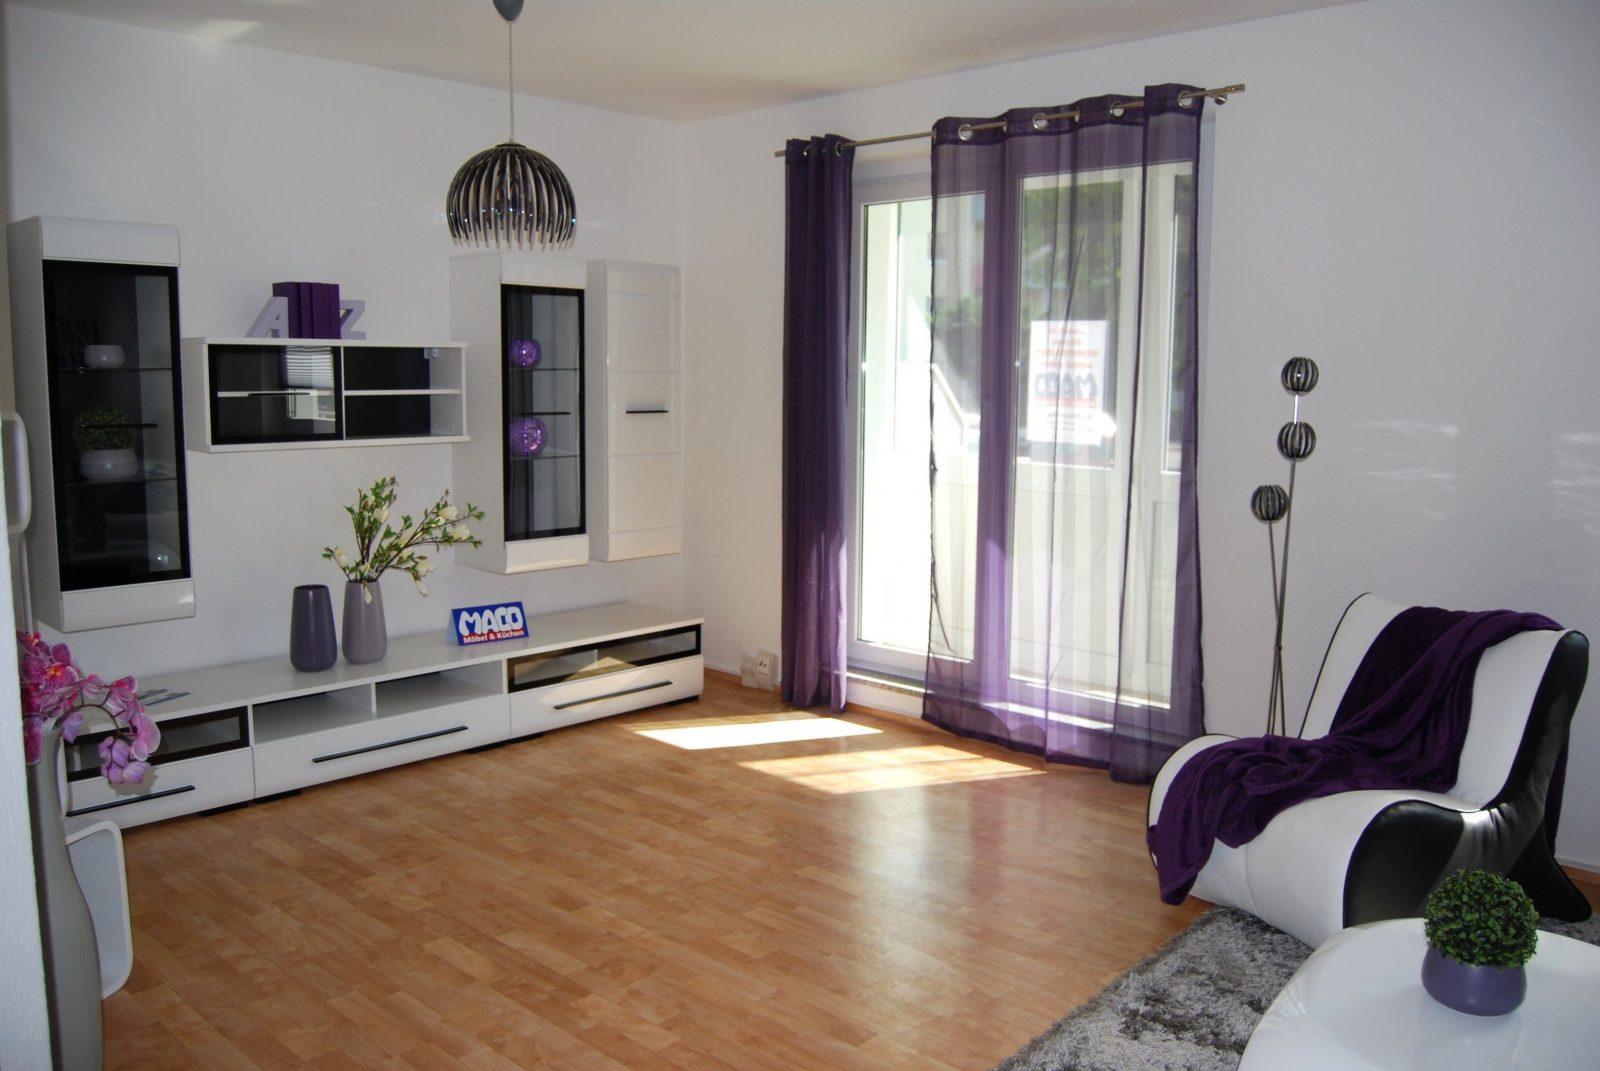 ... Very Attractive Ein Zimmer Wohnung Einrichten Home Design Ideas Von 1 Zimmer  Wohnung Dekorieren Bild ...